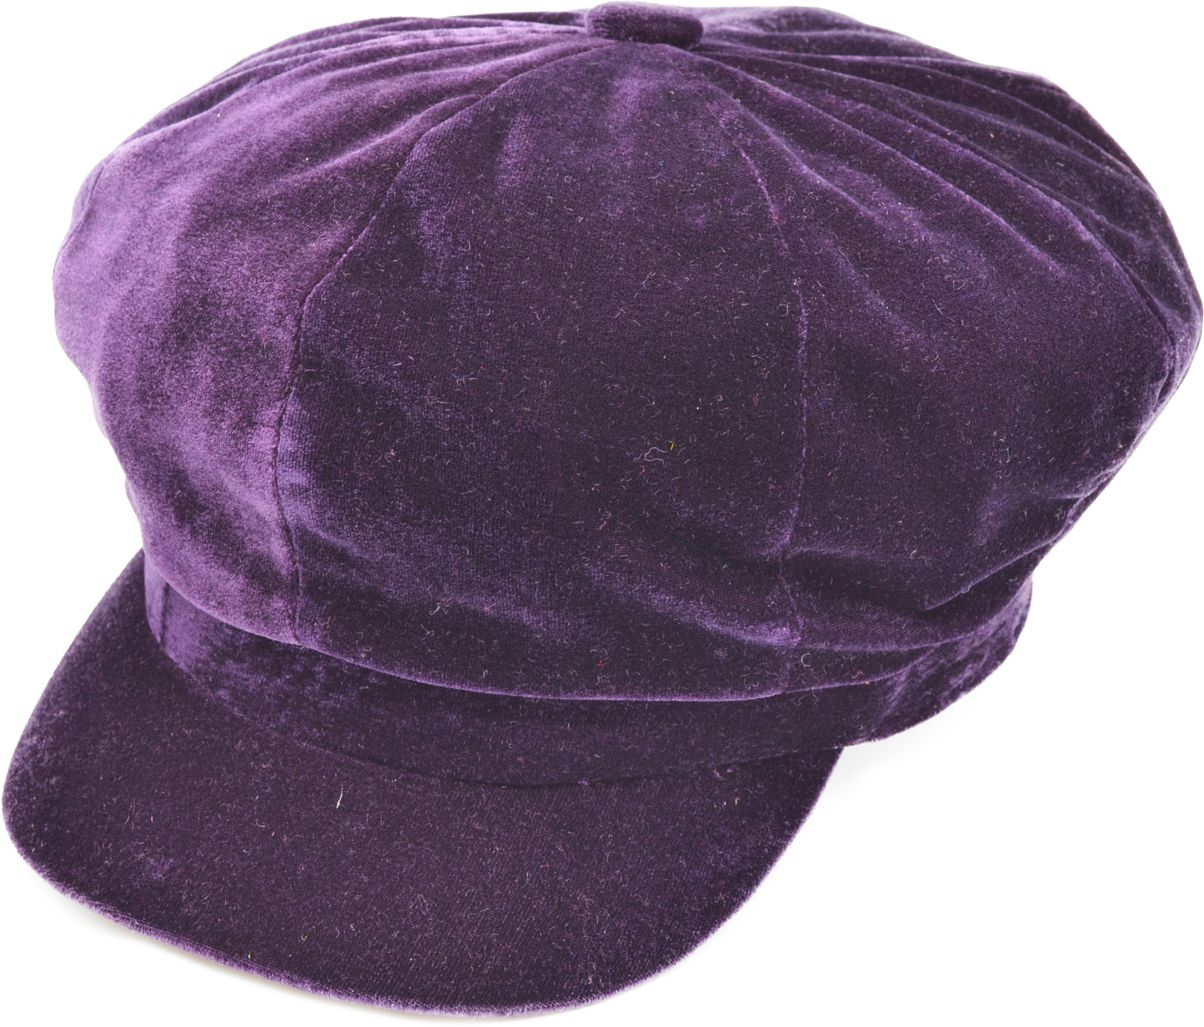 eae2567pu_chapeau-casquette-pin-up-40-s-50-s-retro-rockabilly-manu-violet